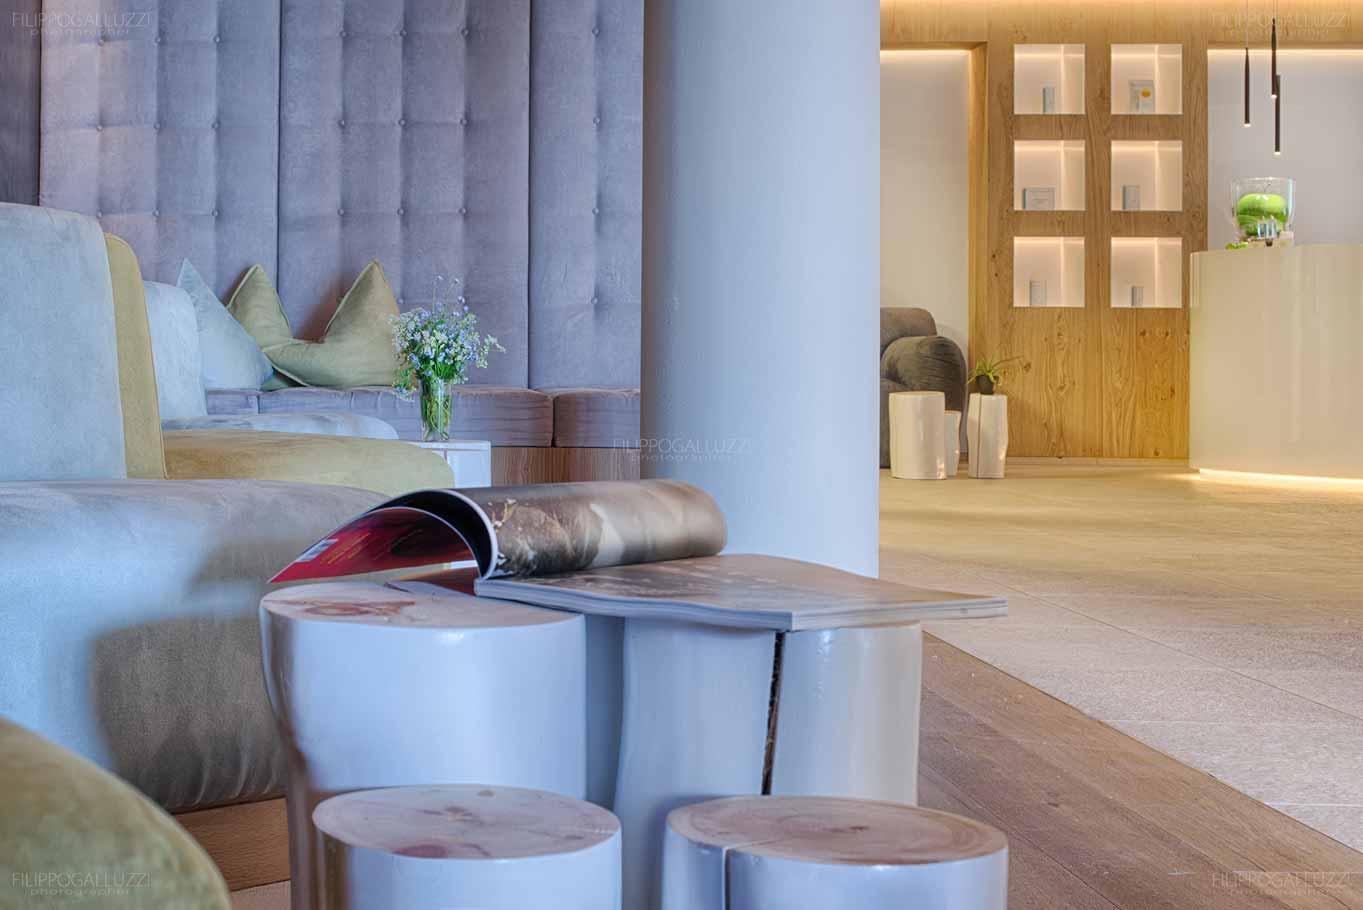 Valle Aurina, Steinhaus, Hotel A&L ****s